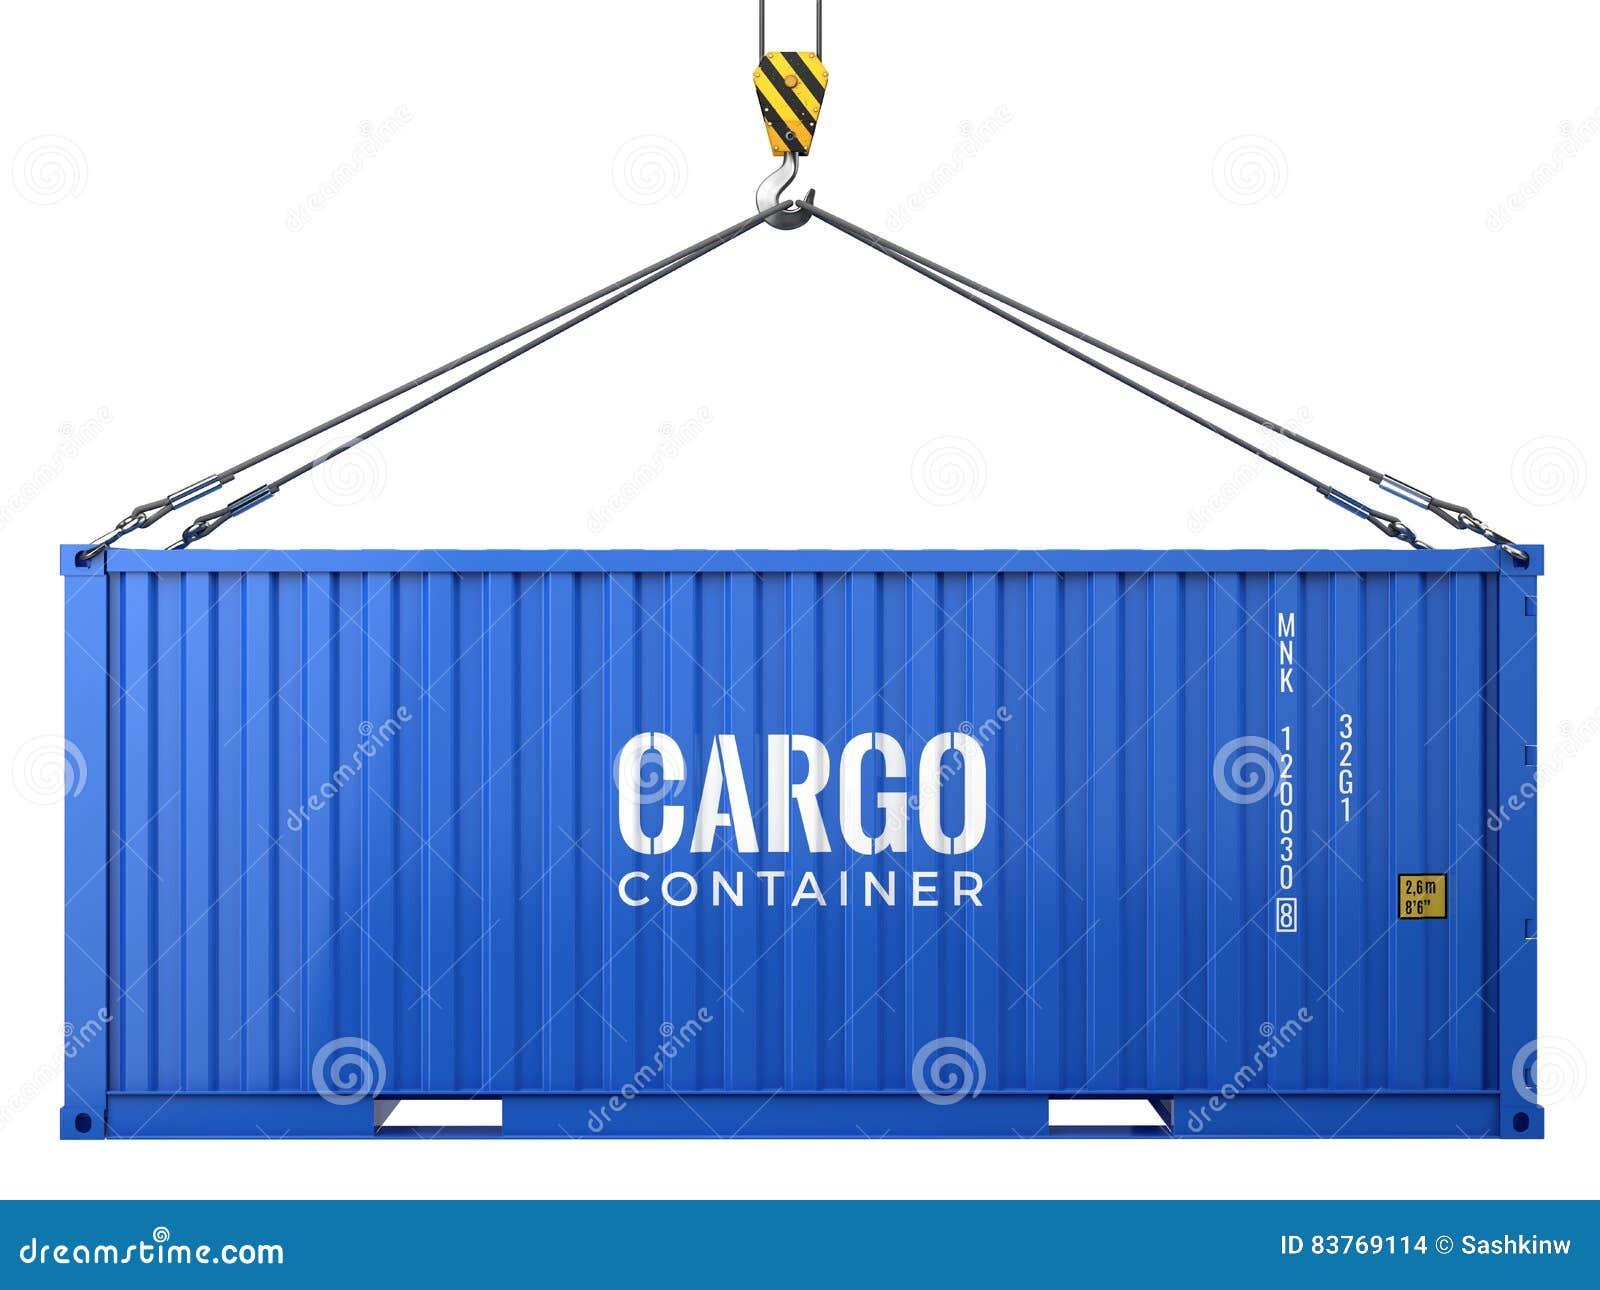 Голубой контейнер для перевозок перевозки груза изолированный на белой предпосылке